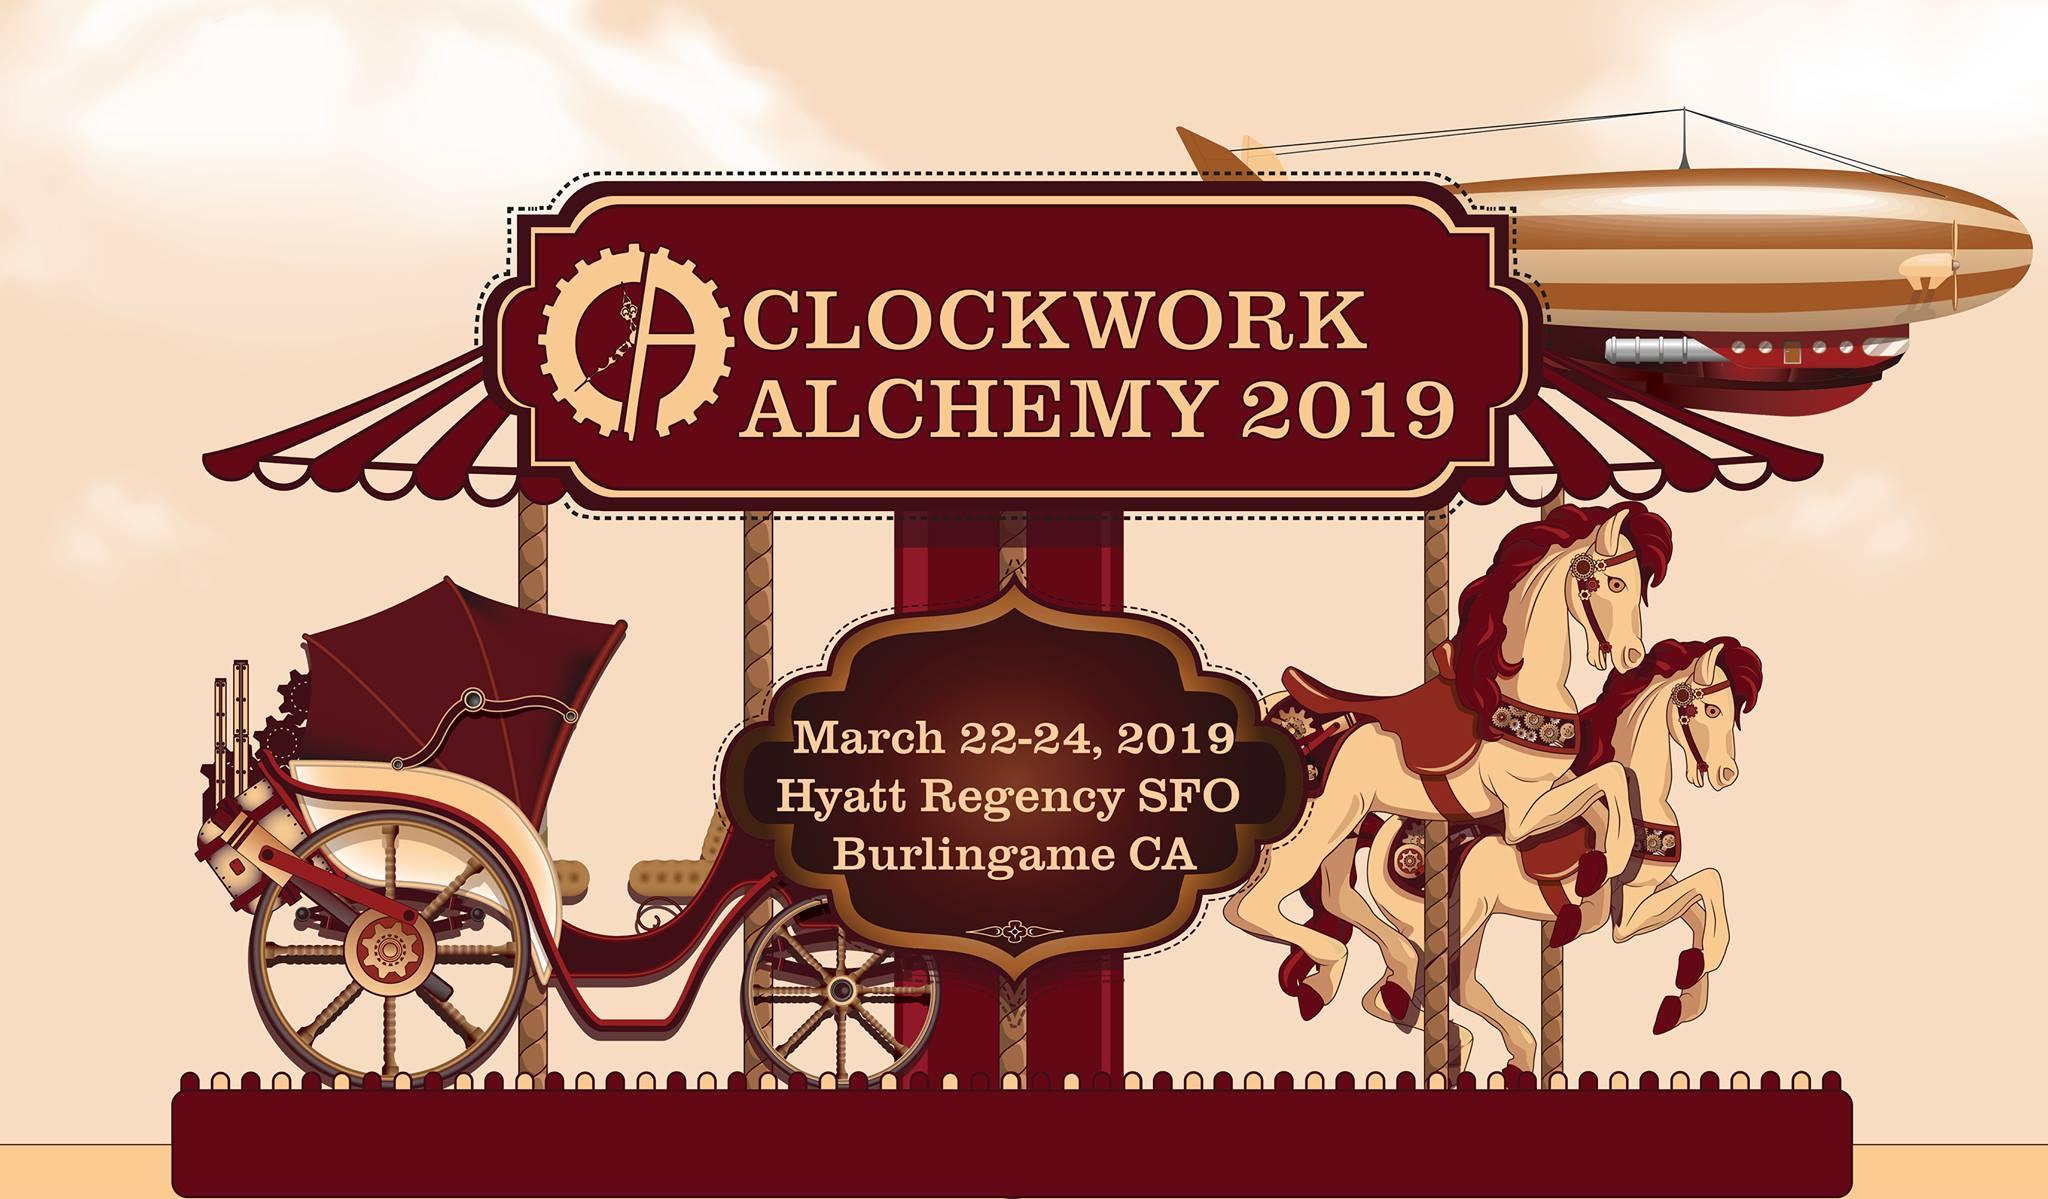 steampunk clockwork alchemy 2019 convention